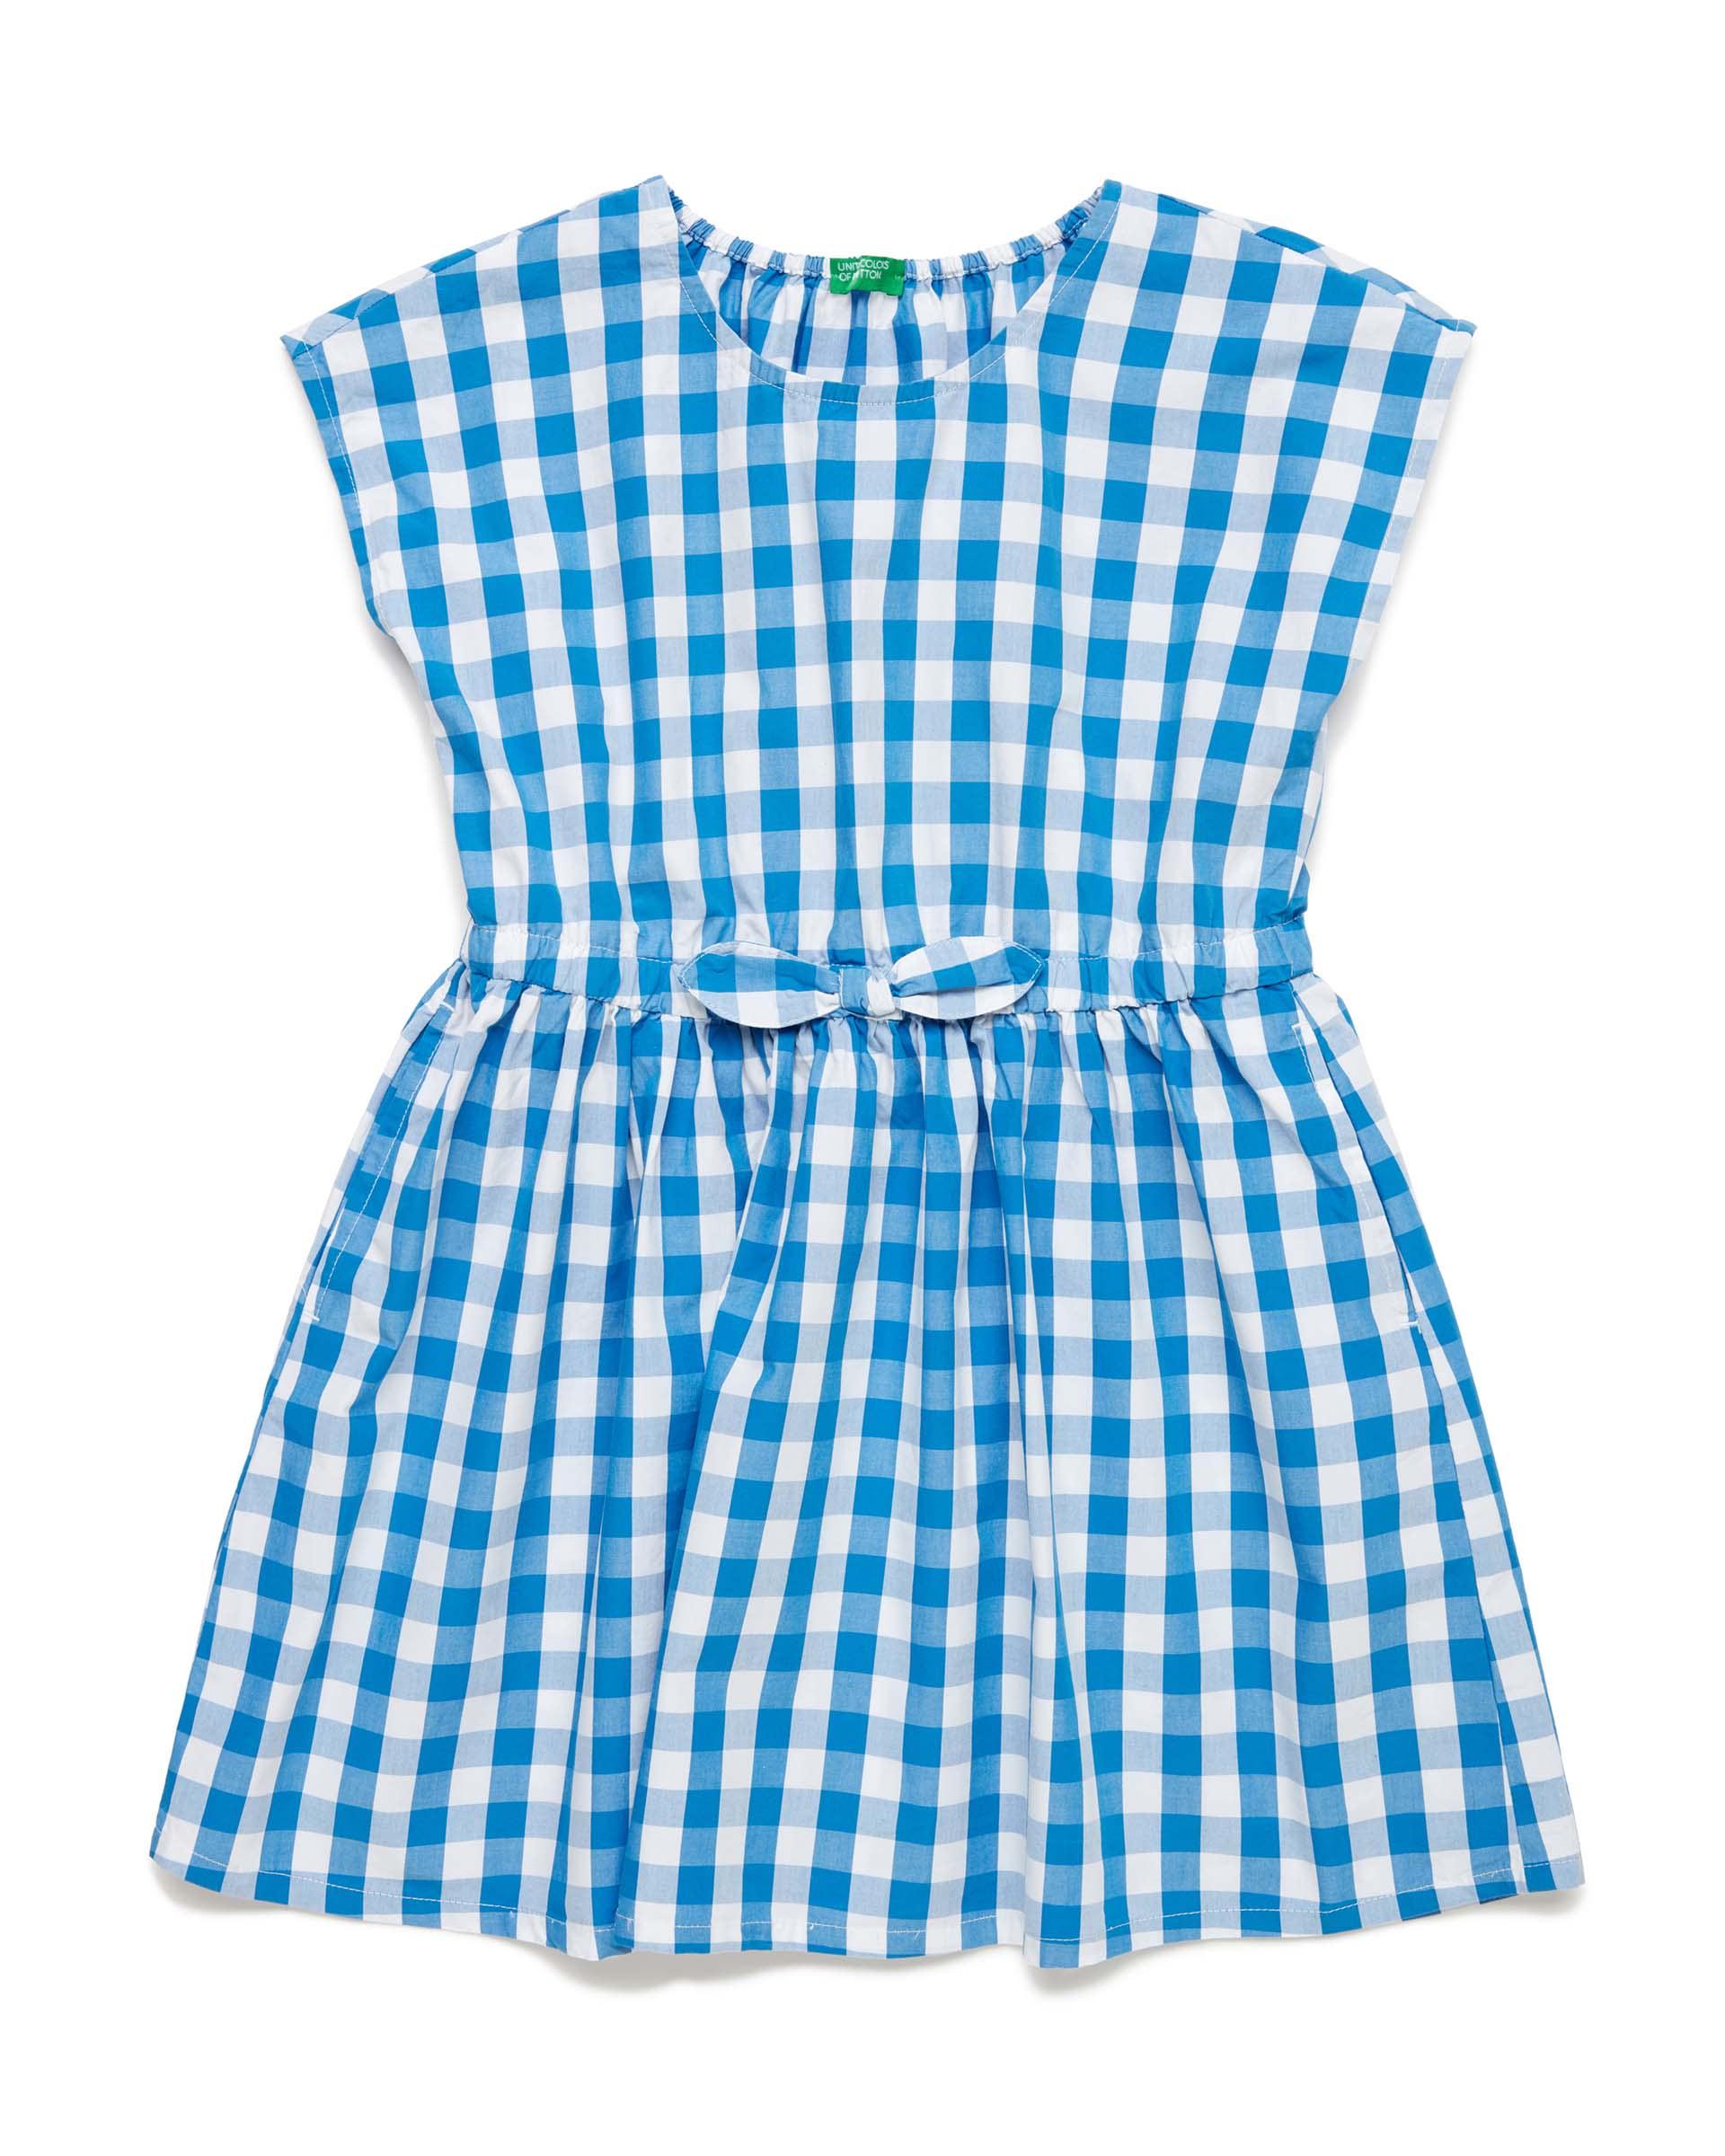 Купить 20P_4OT75VDG0_910, Платье для девочек Benetton 4OT75VDG0_910 р-р 158, United Colors of Benetton, Платья для девочек